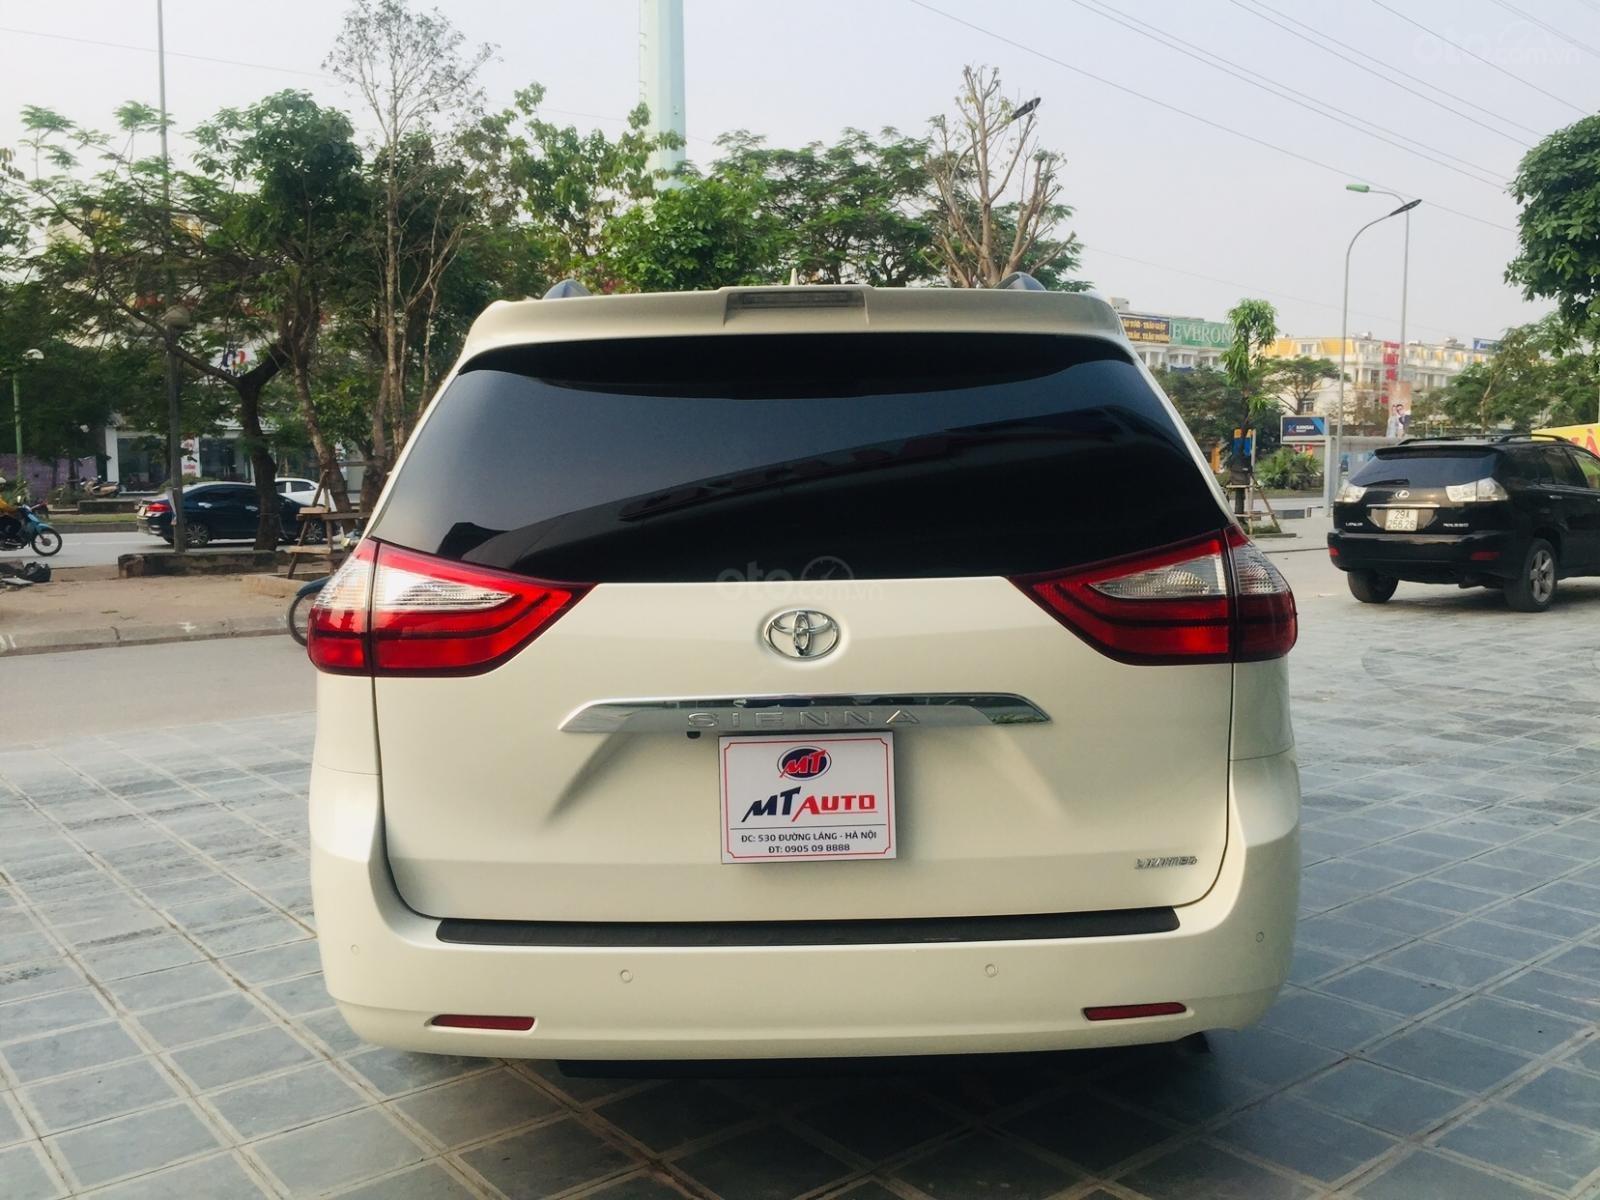 Bán xe Toyota Sienna Limited sản xuất 2018, siêu lướt, giao xe toàn quốc, LH Ms Ngọc Vy 093.996.2368 (6)